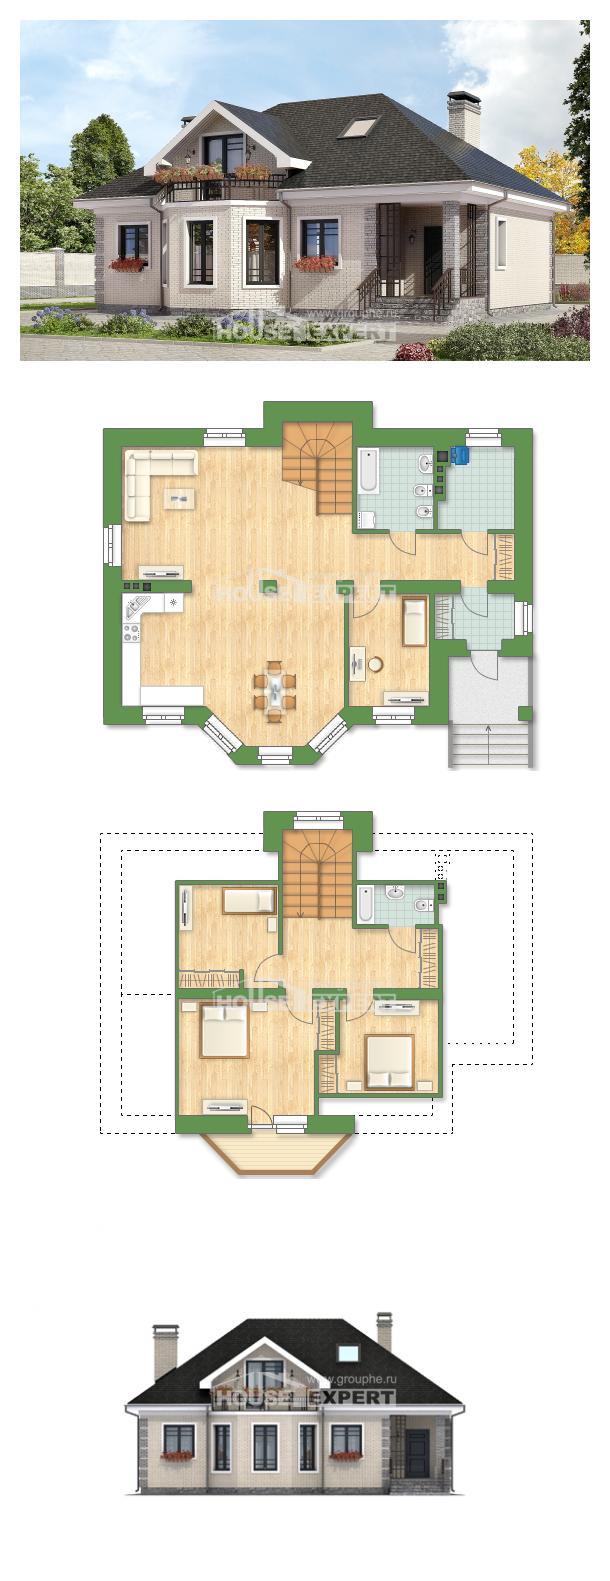 Plan 150-013-R   House Expert